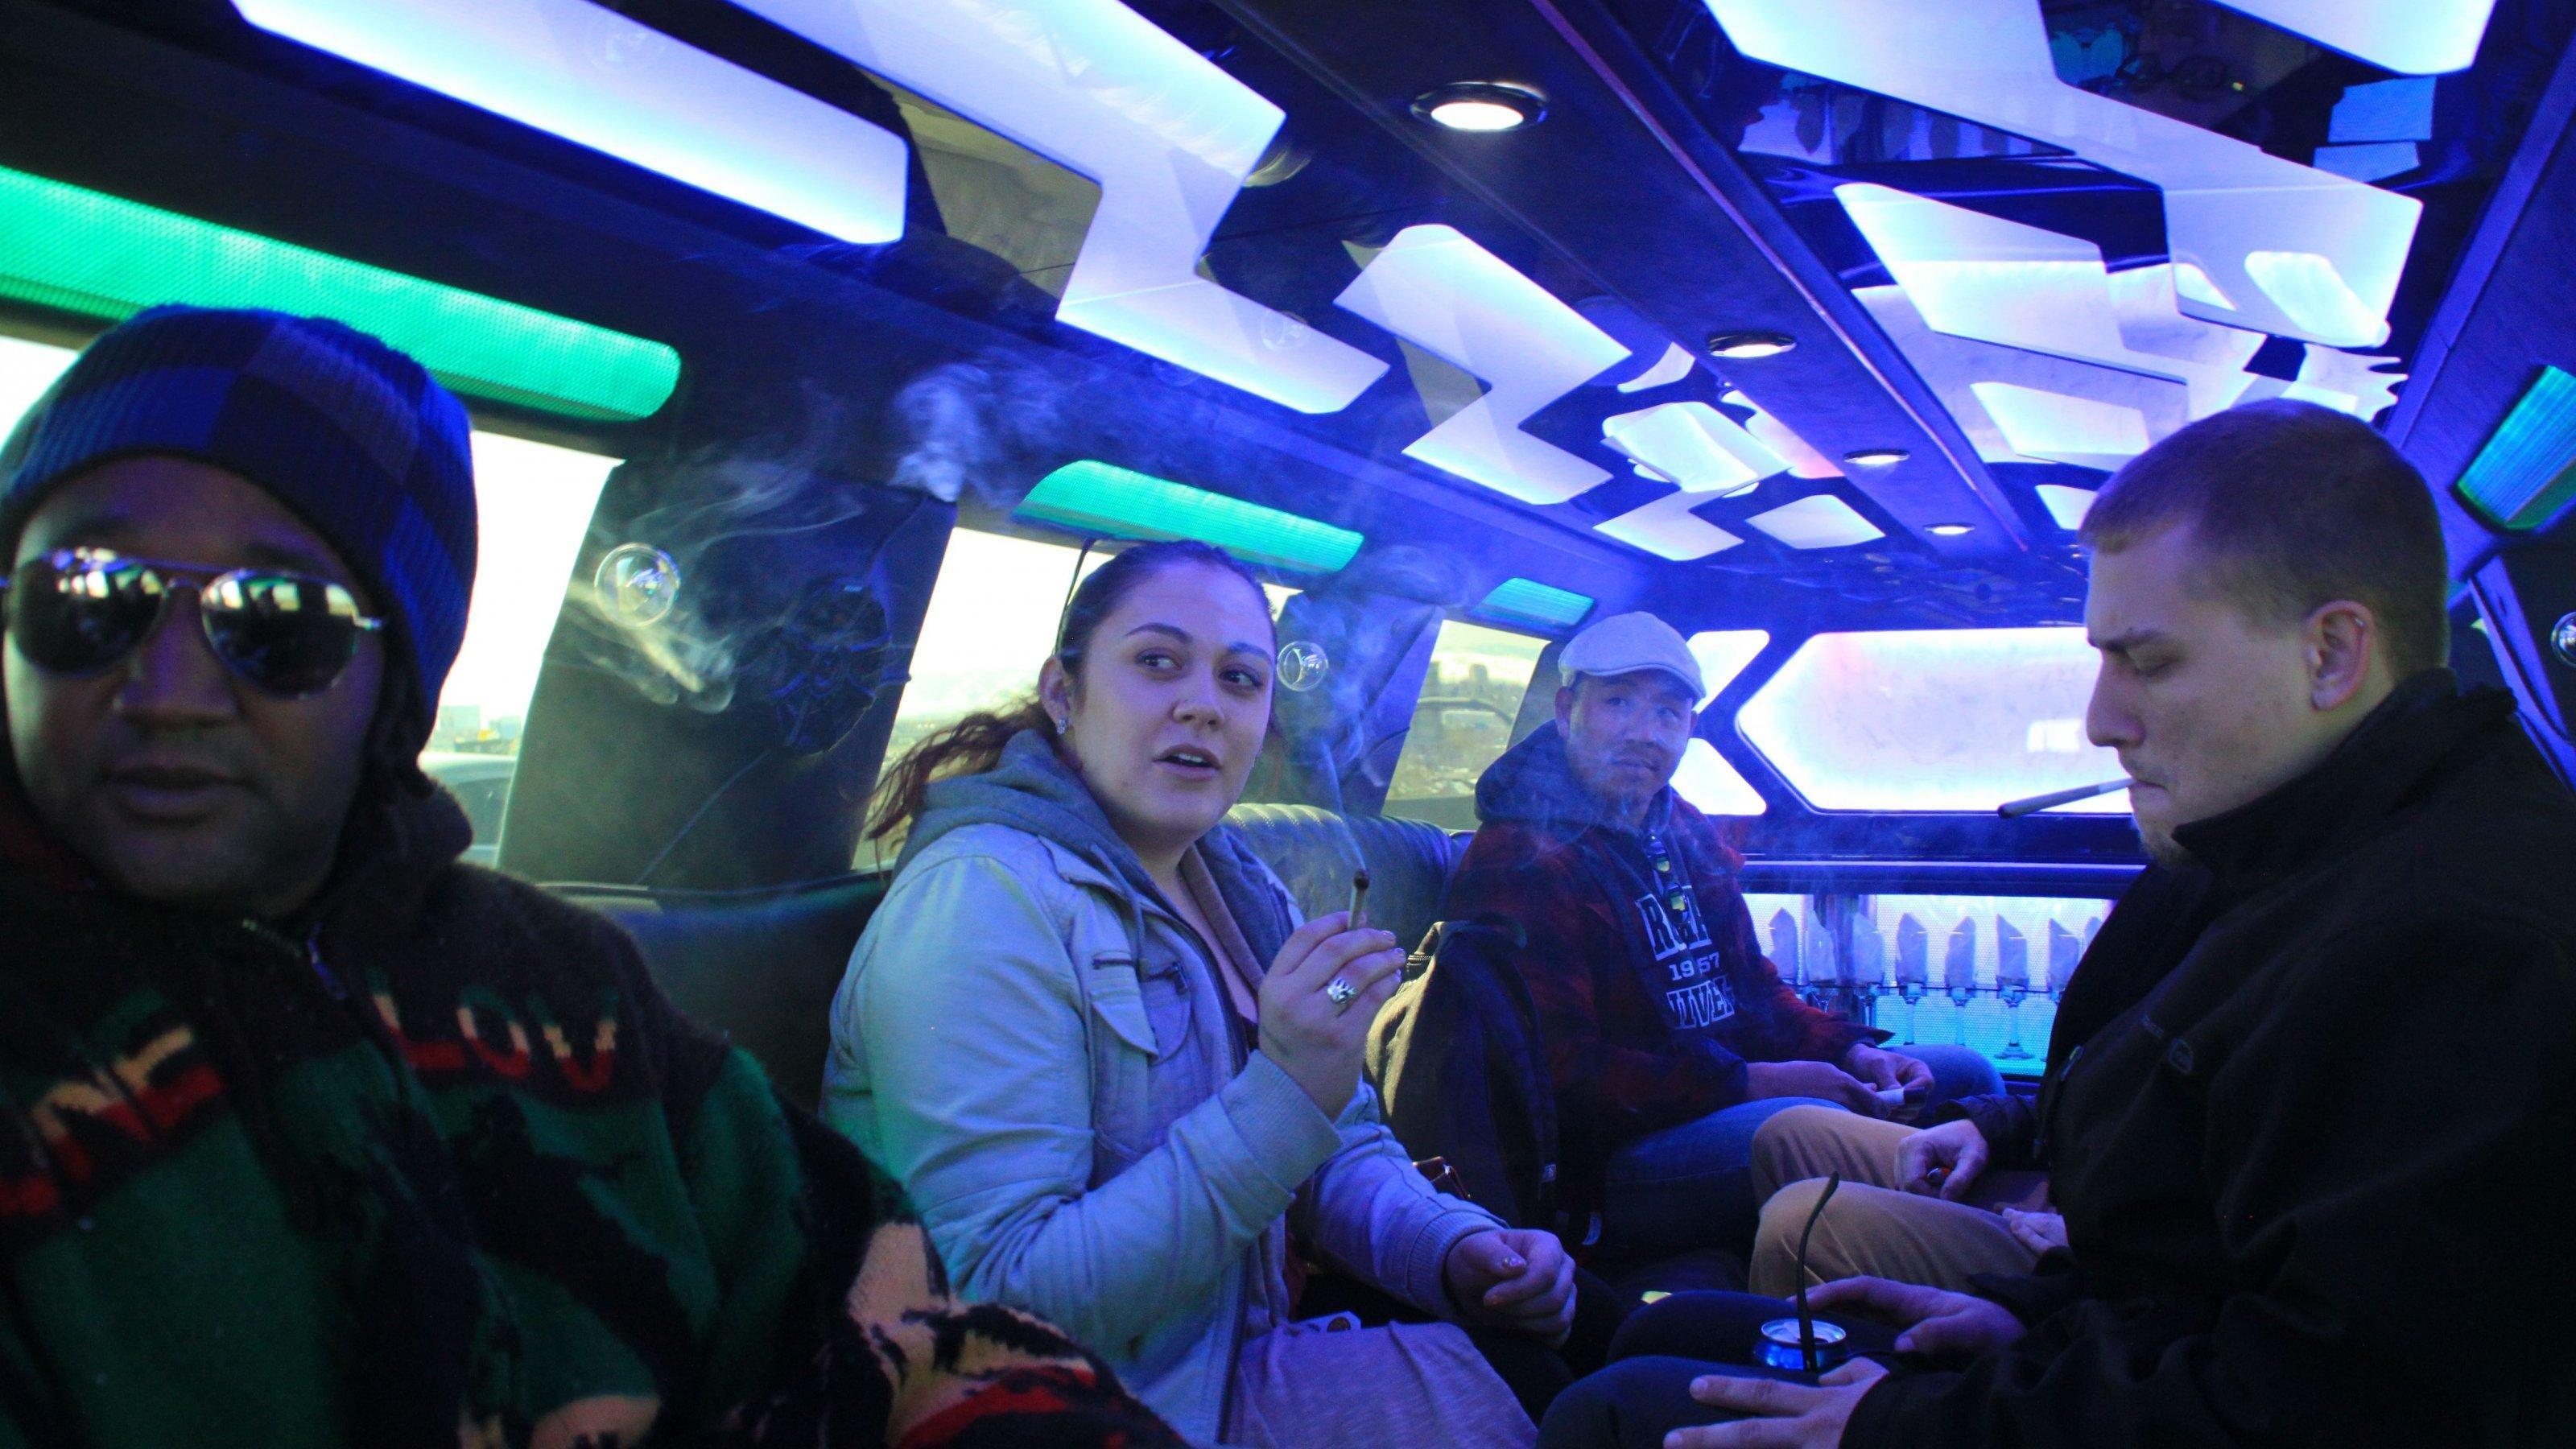 Vier junge Leute sitzen in einer Luxuslimousine und kiffen.